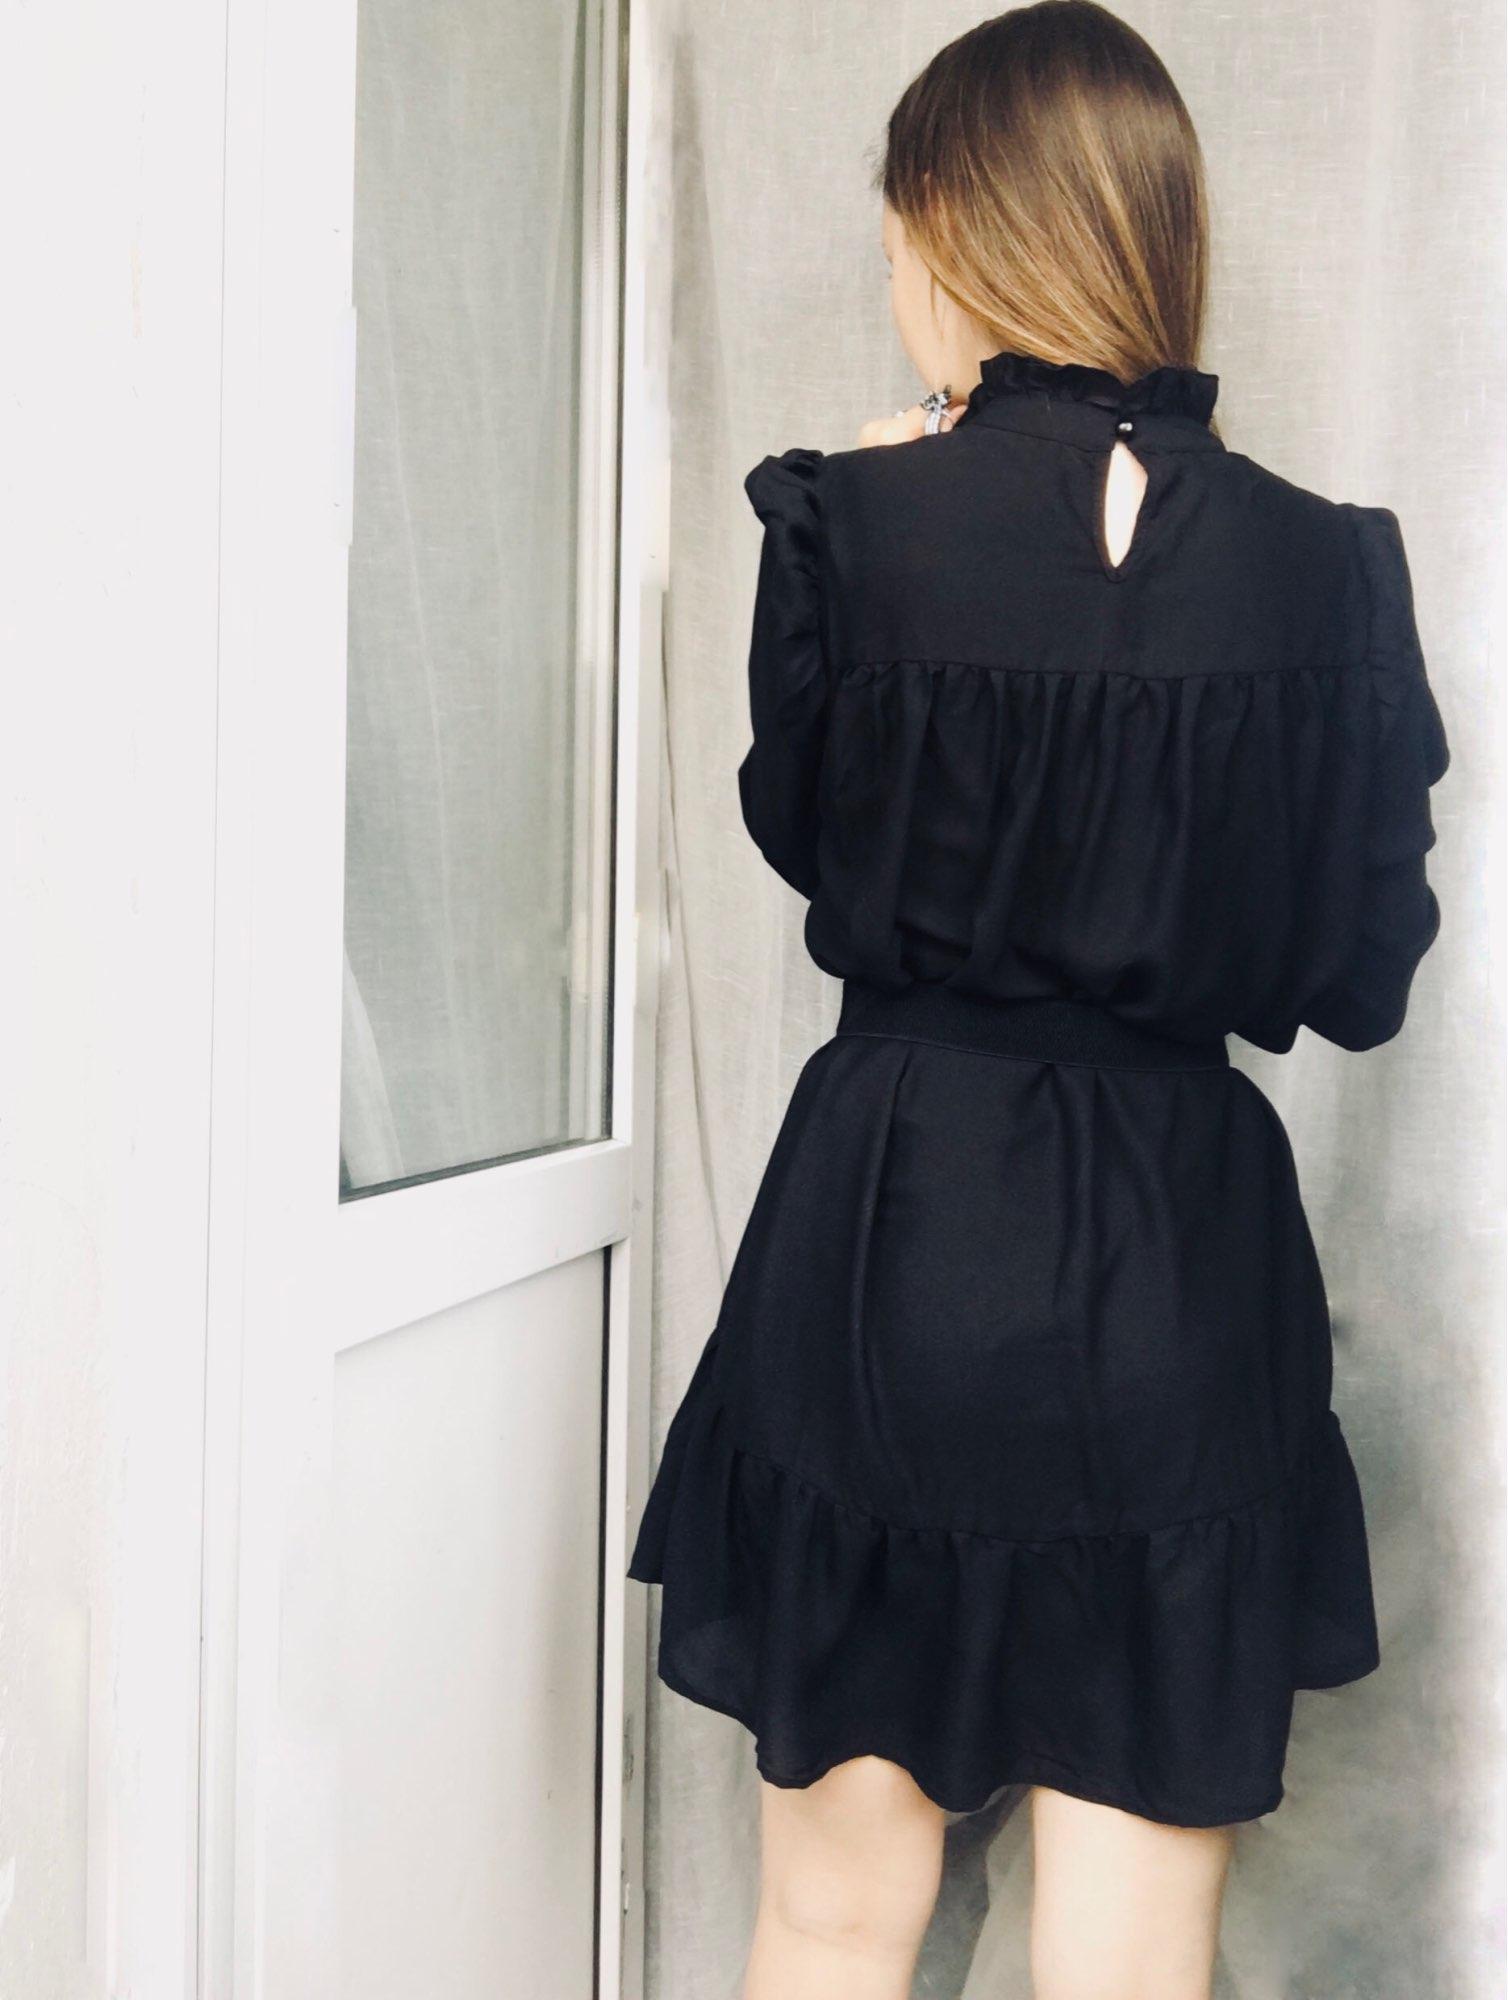 Hot 2019 autumn new fashion women's temperament commuter puff sleeve small high collar natural A word knee Chiffon dress reviews №8 510448